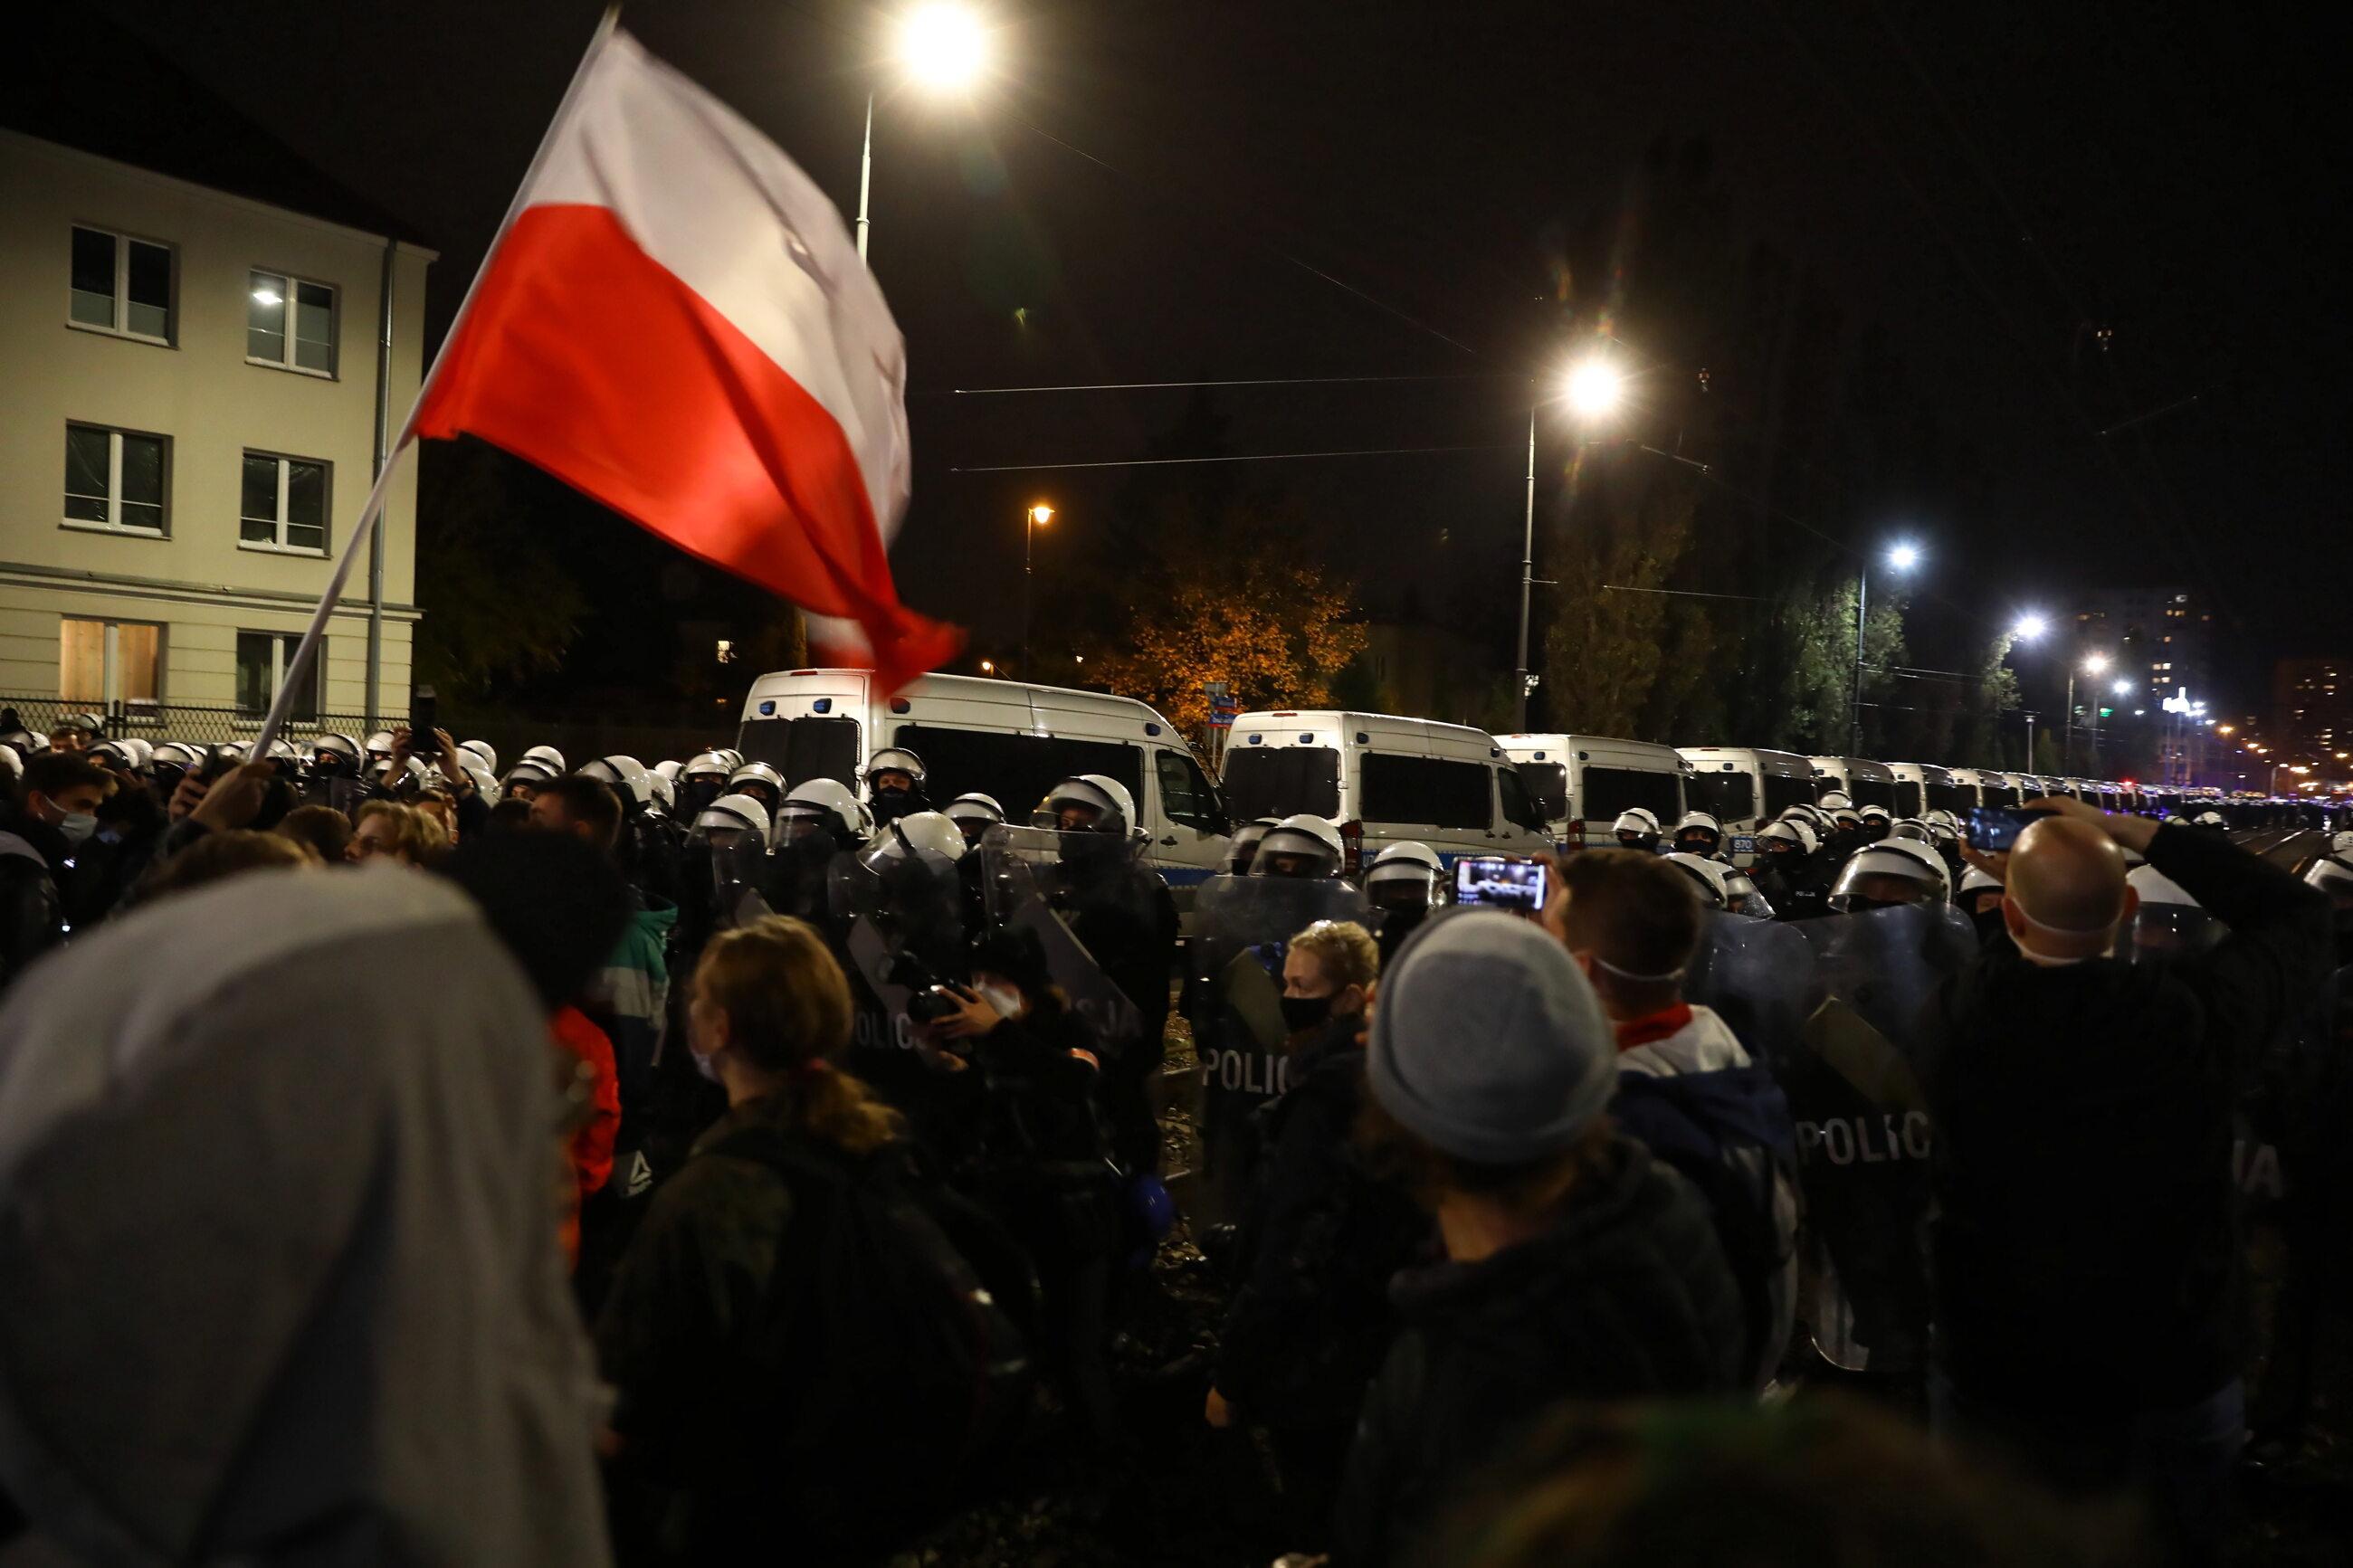 Uczestnicy protestu pod domem prezesa PiS Jarosława Kaczyńskiego na warszawskim Żoliborzu.